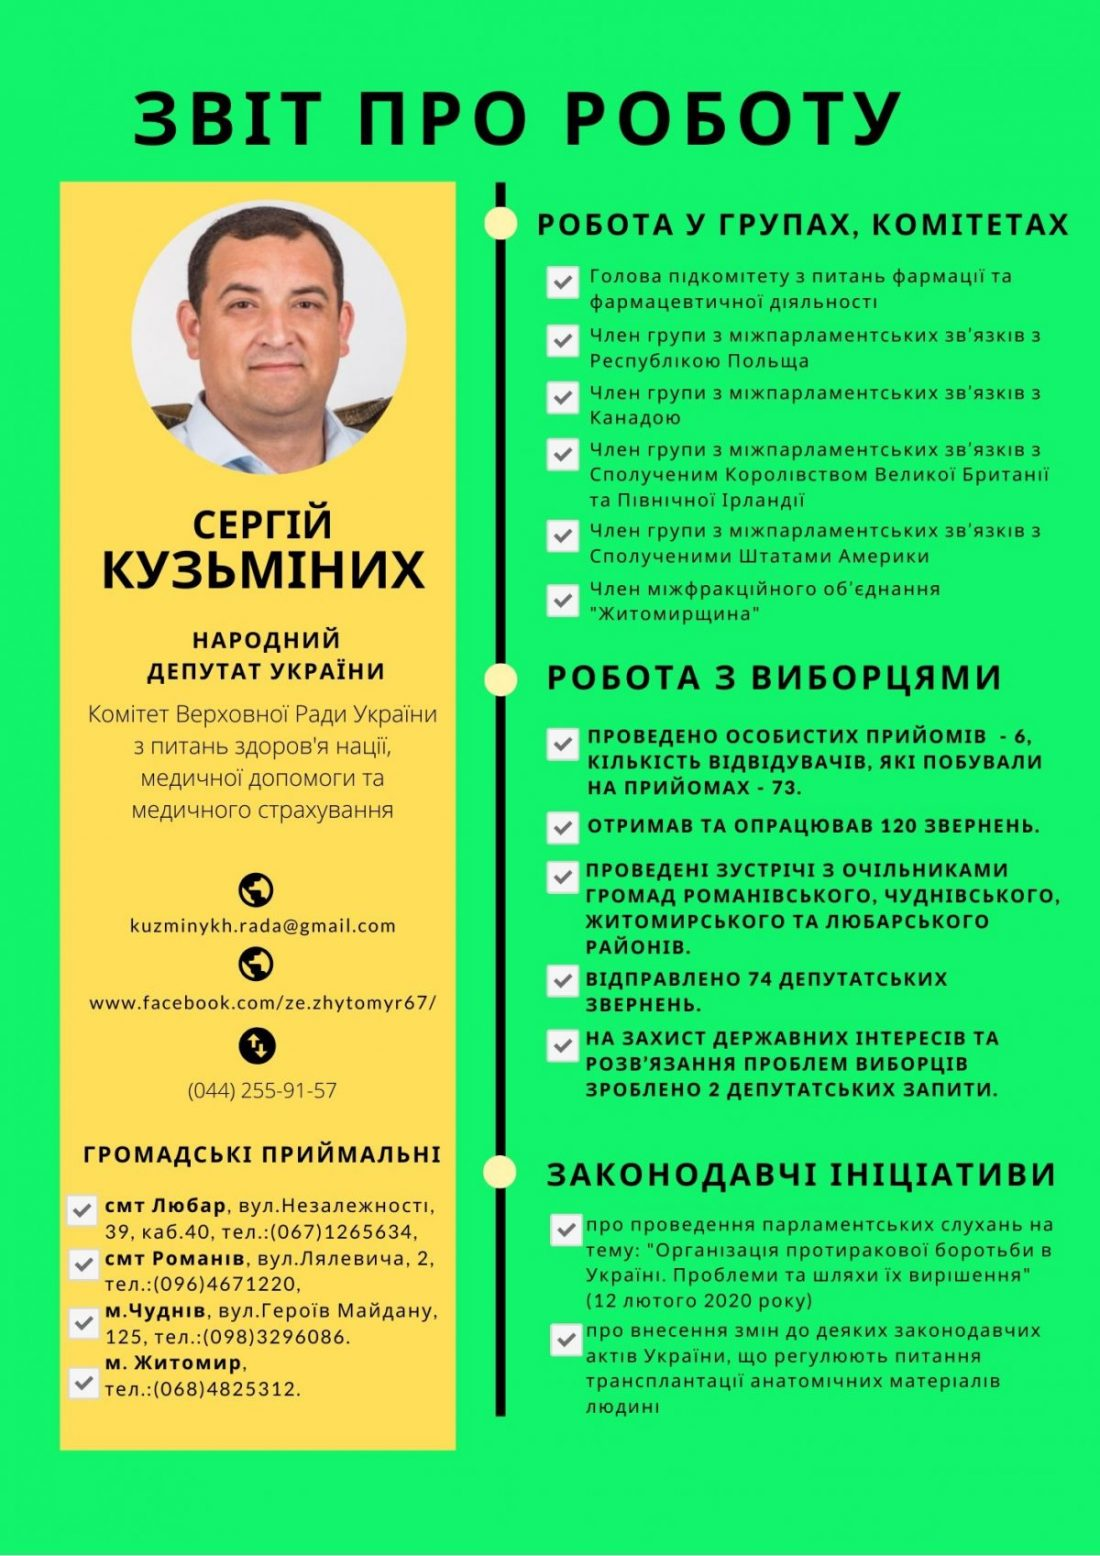 Кузьміних С.В.,2019